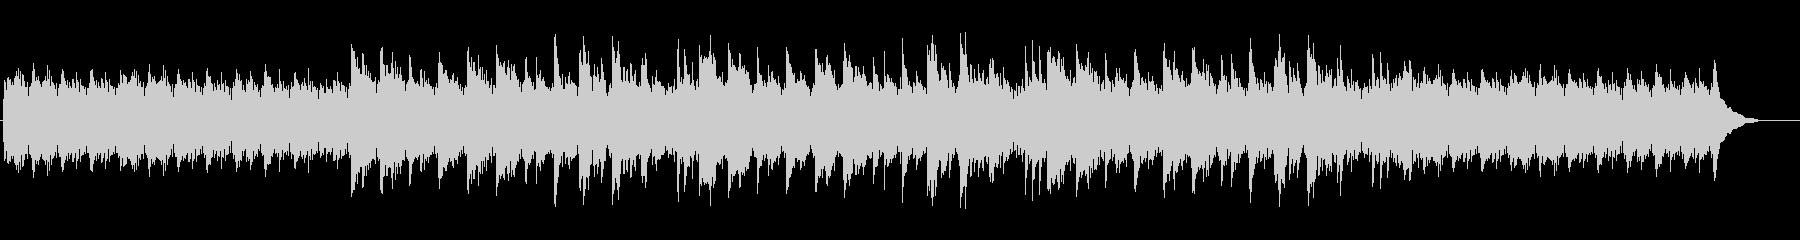 ピアノフレーズが印象的アンビエントBGMの未再生の波形